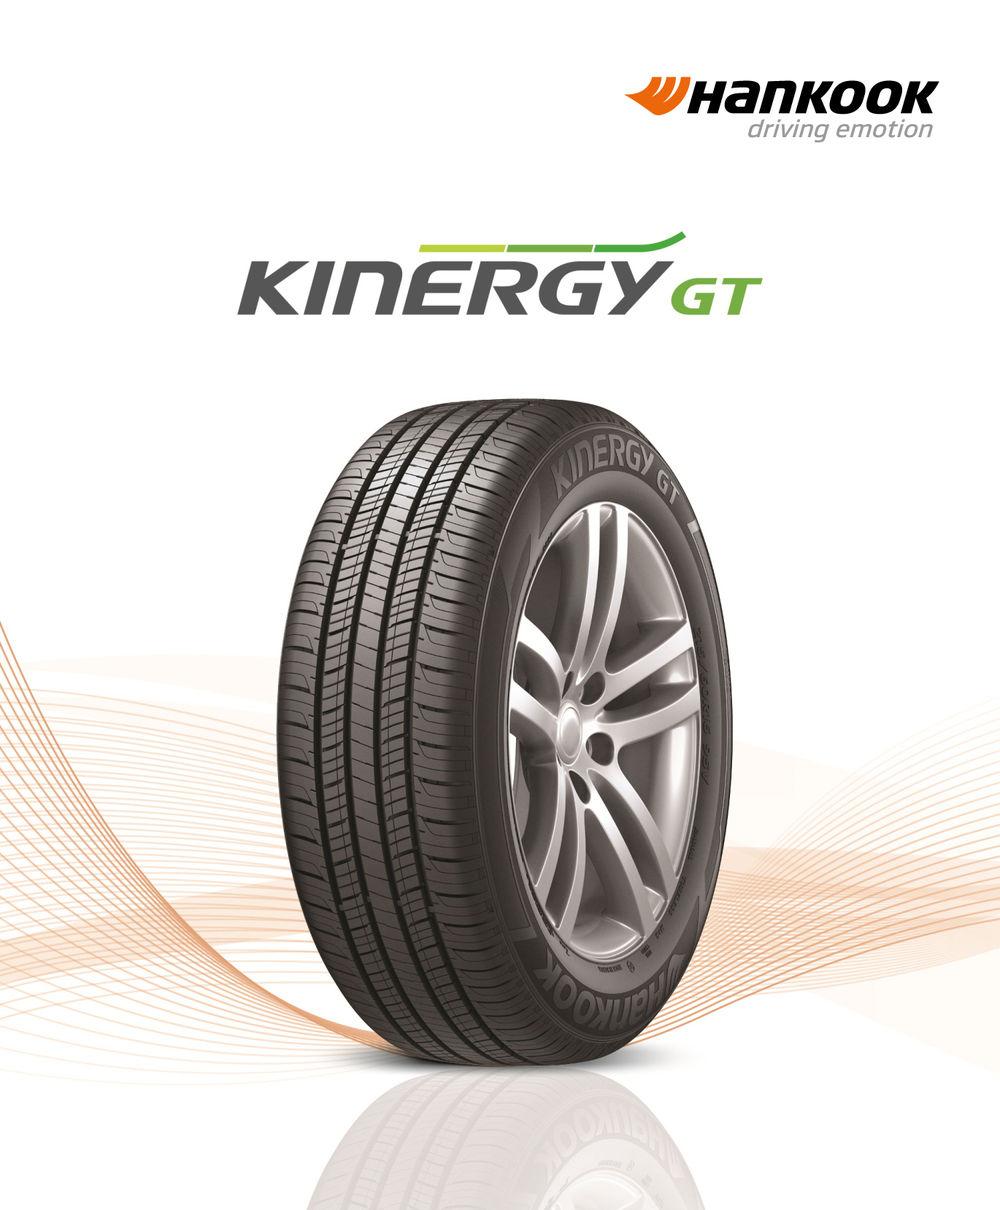 한국타이어, 포드 익스플로러에 신차용 타이어 공급